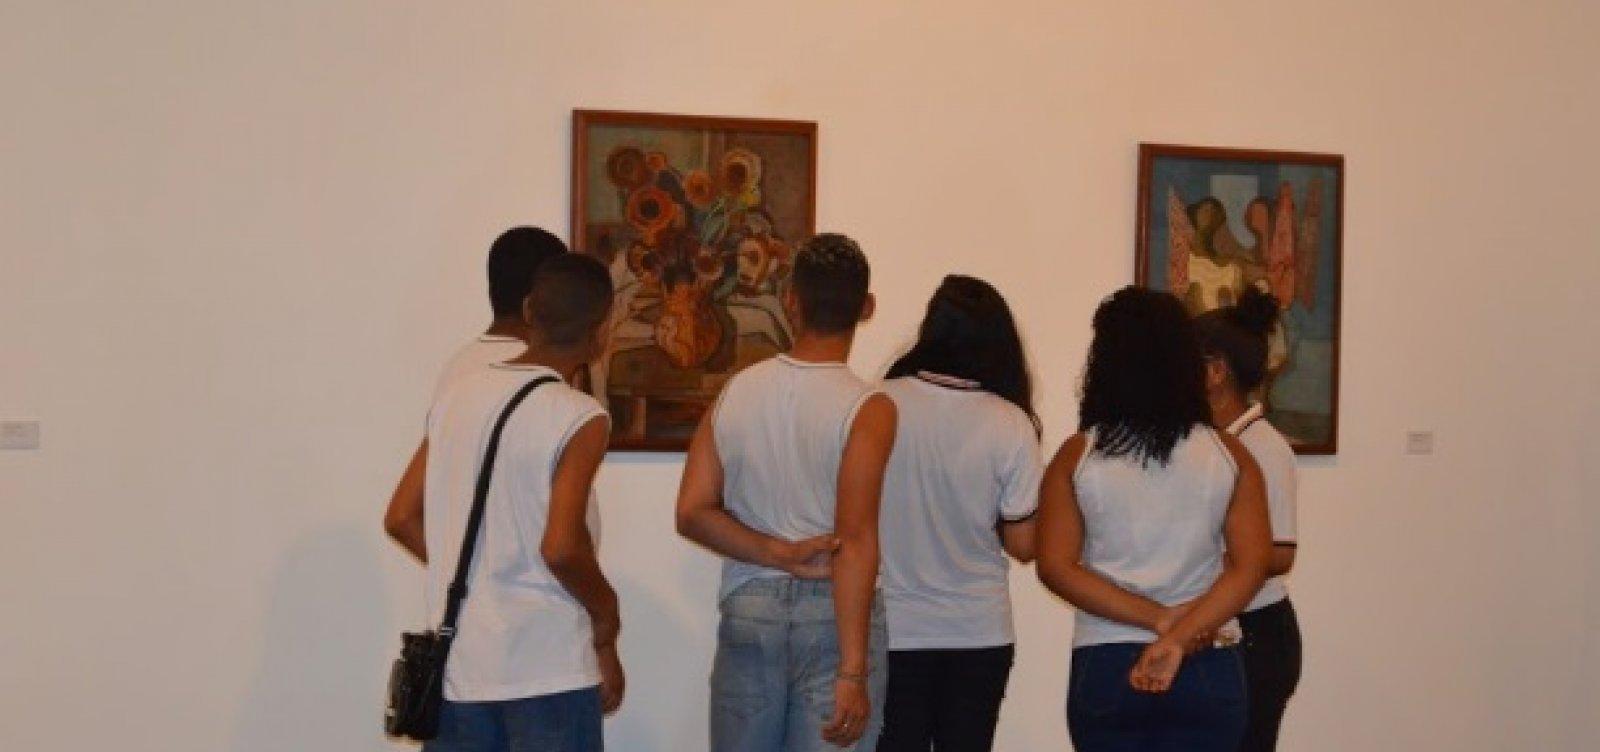 Exposição no MAM reúne obras de Tarsila do Amaral, Portinari e Carybé